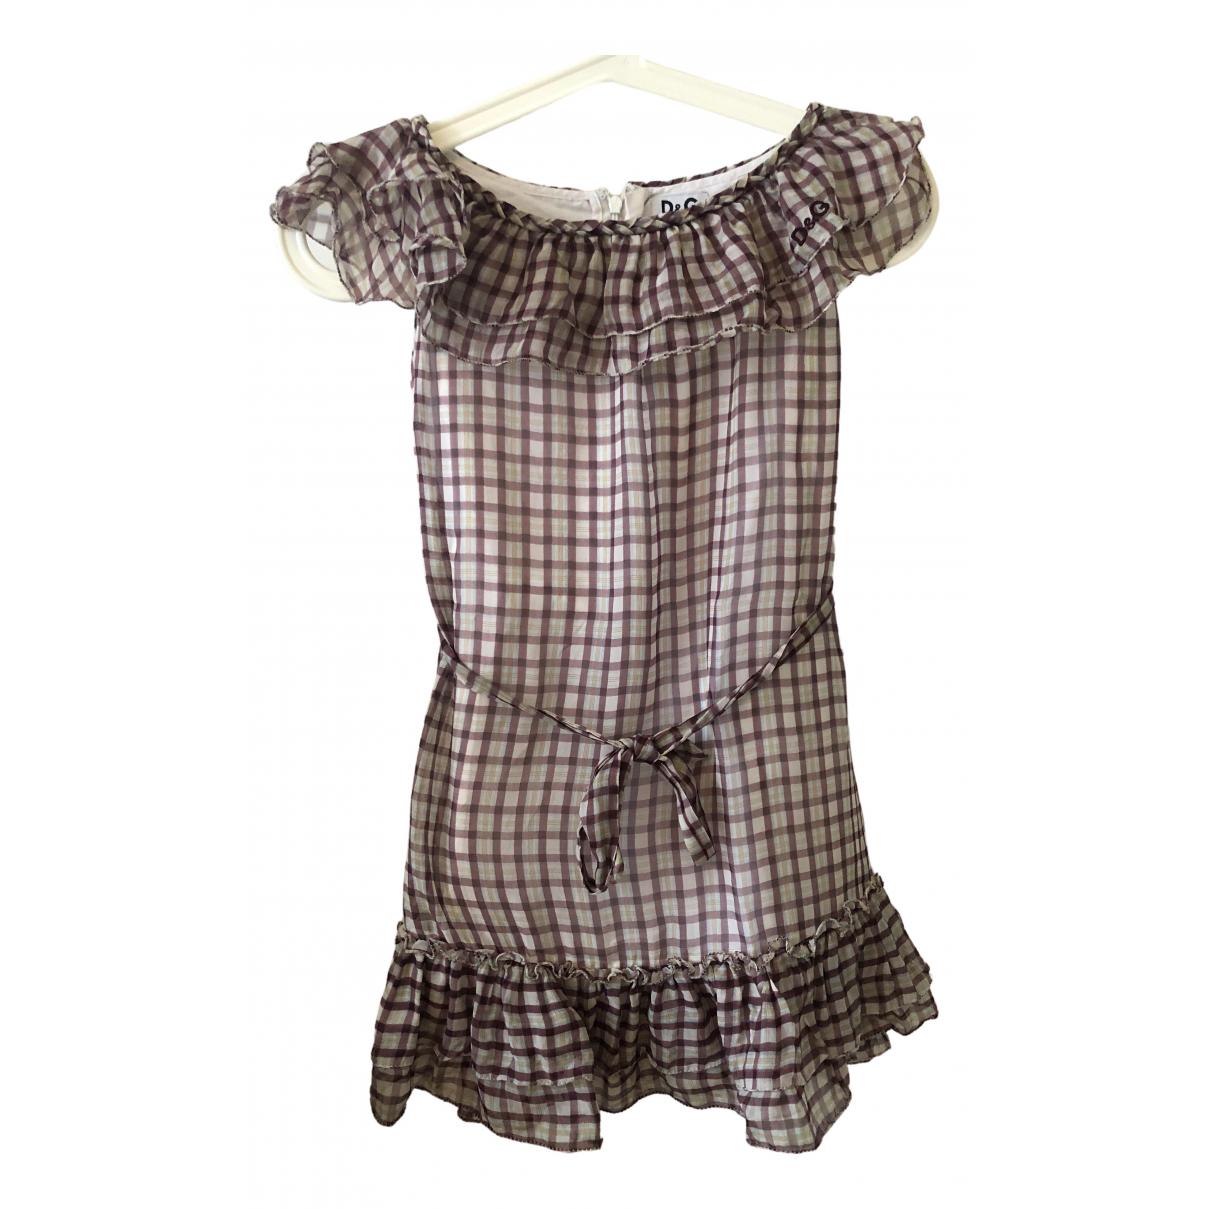 D&g \N Kleid in  Lila Baumwolle